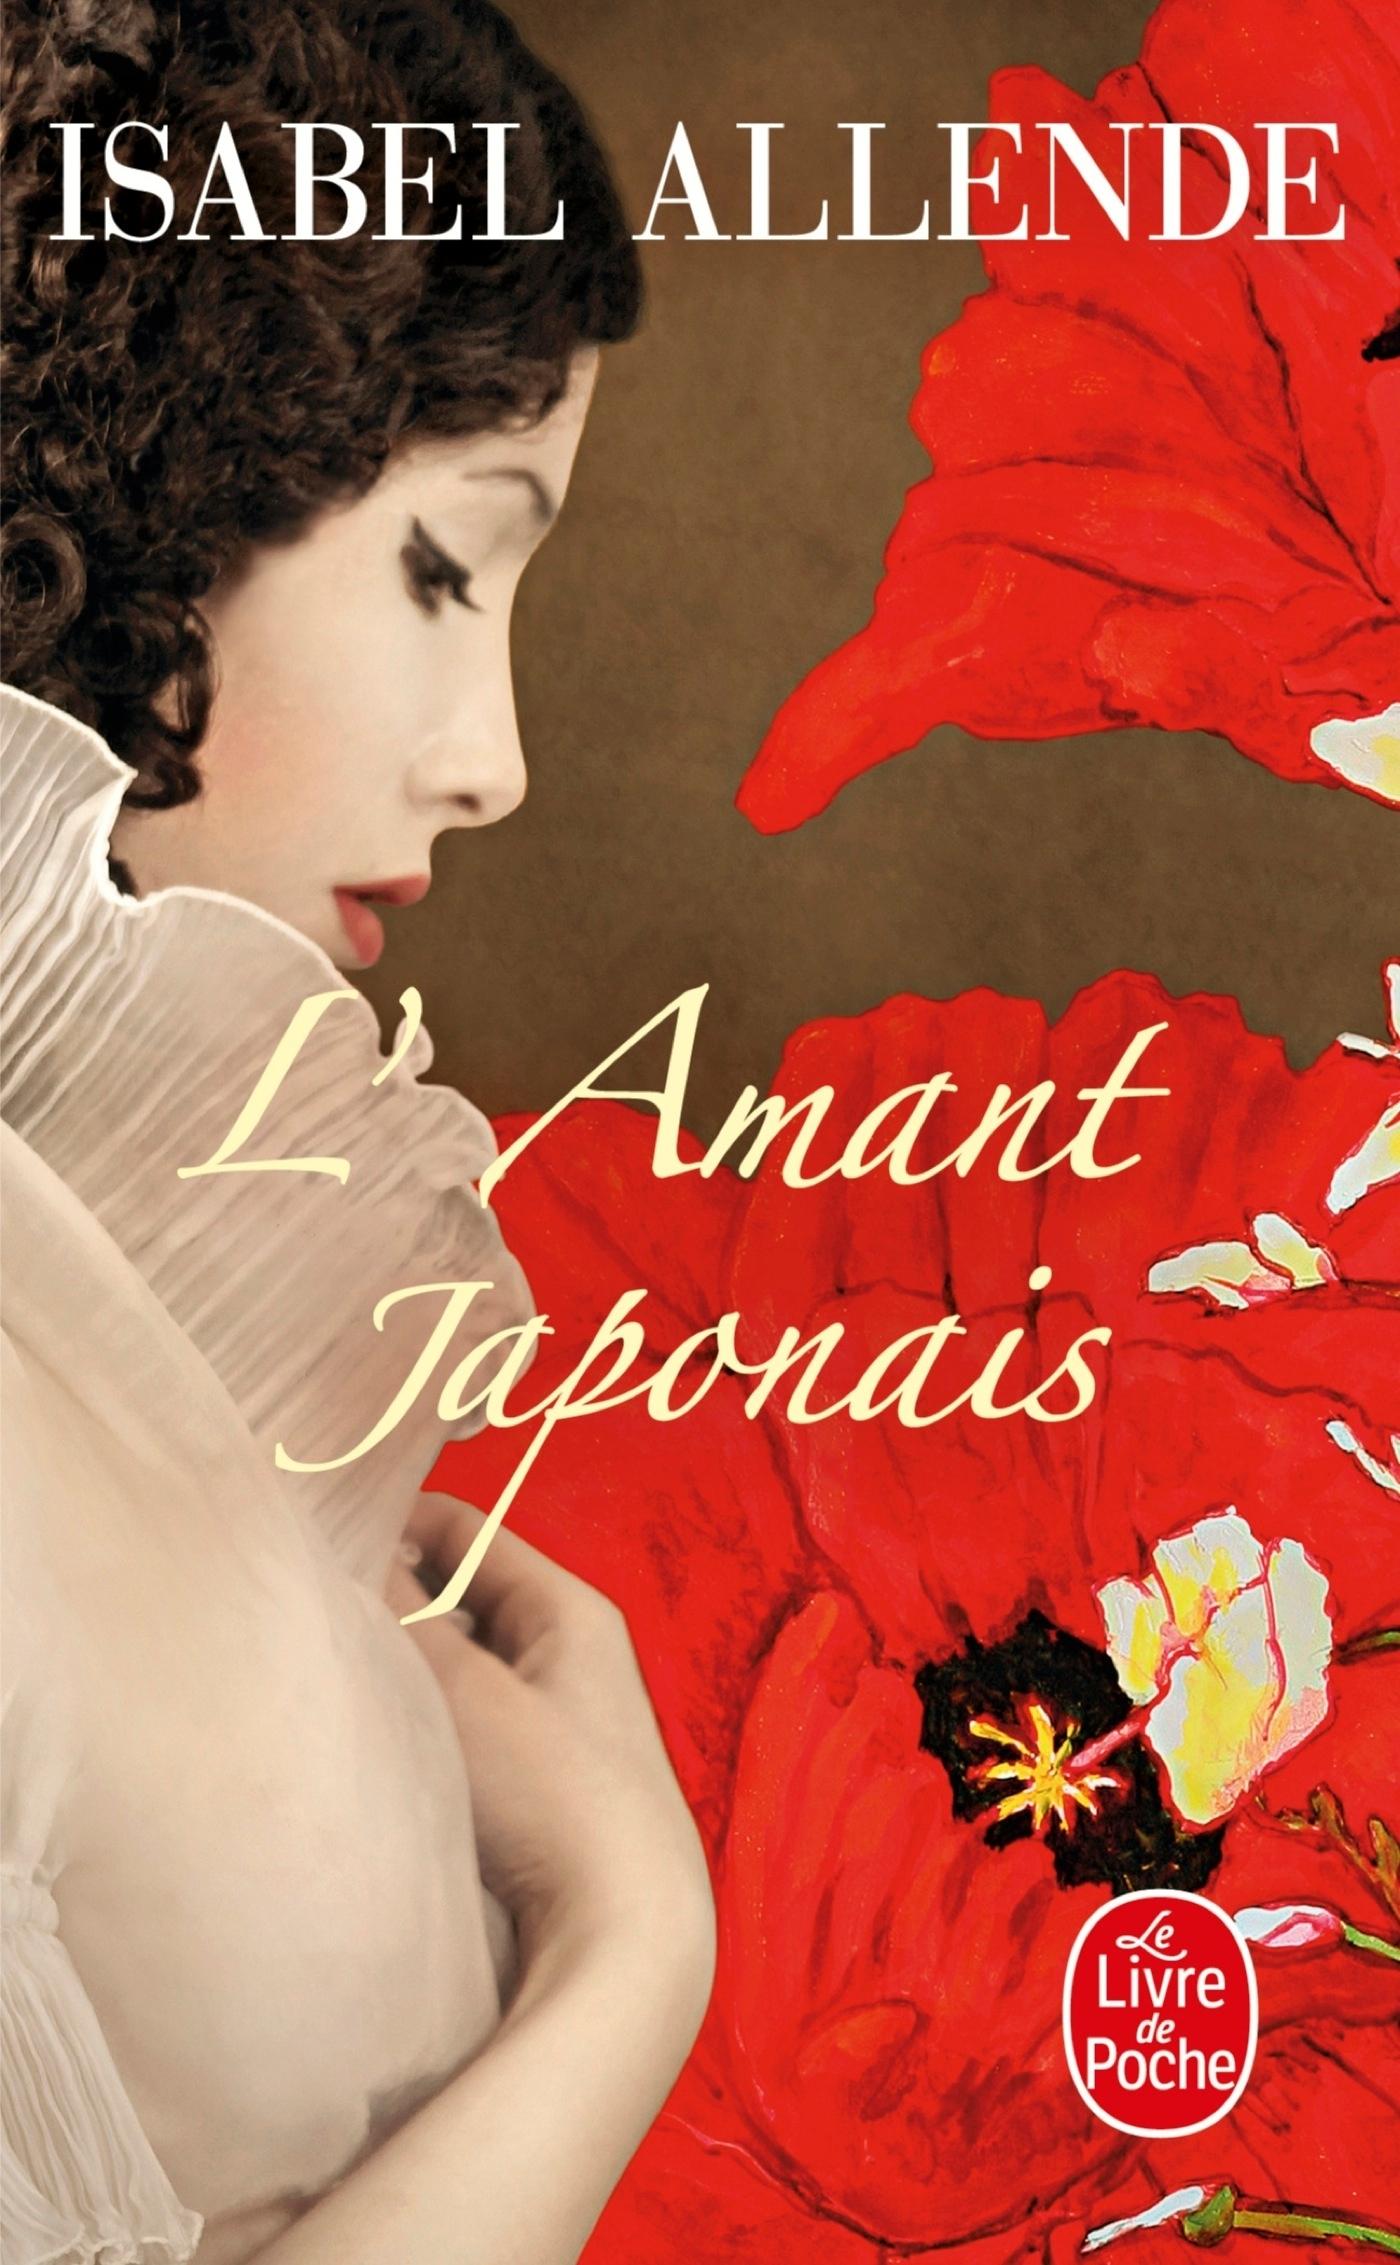 L'AMANT JAPONAIS